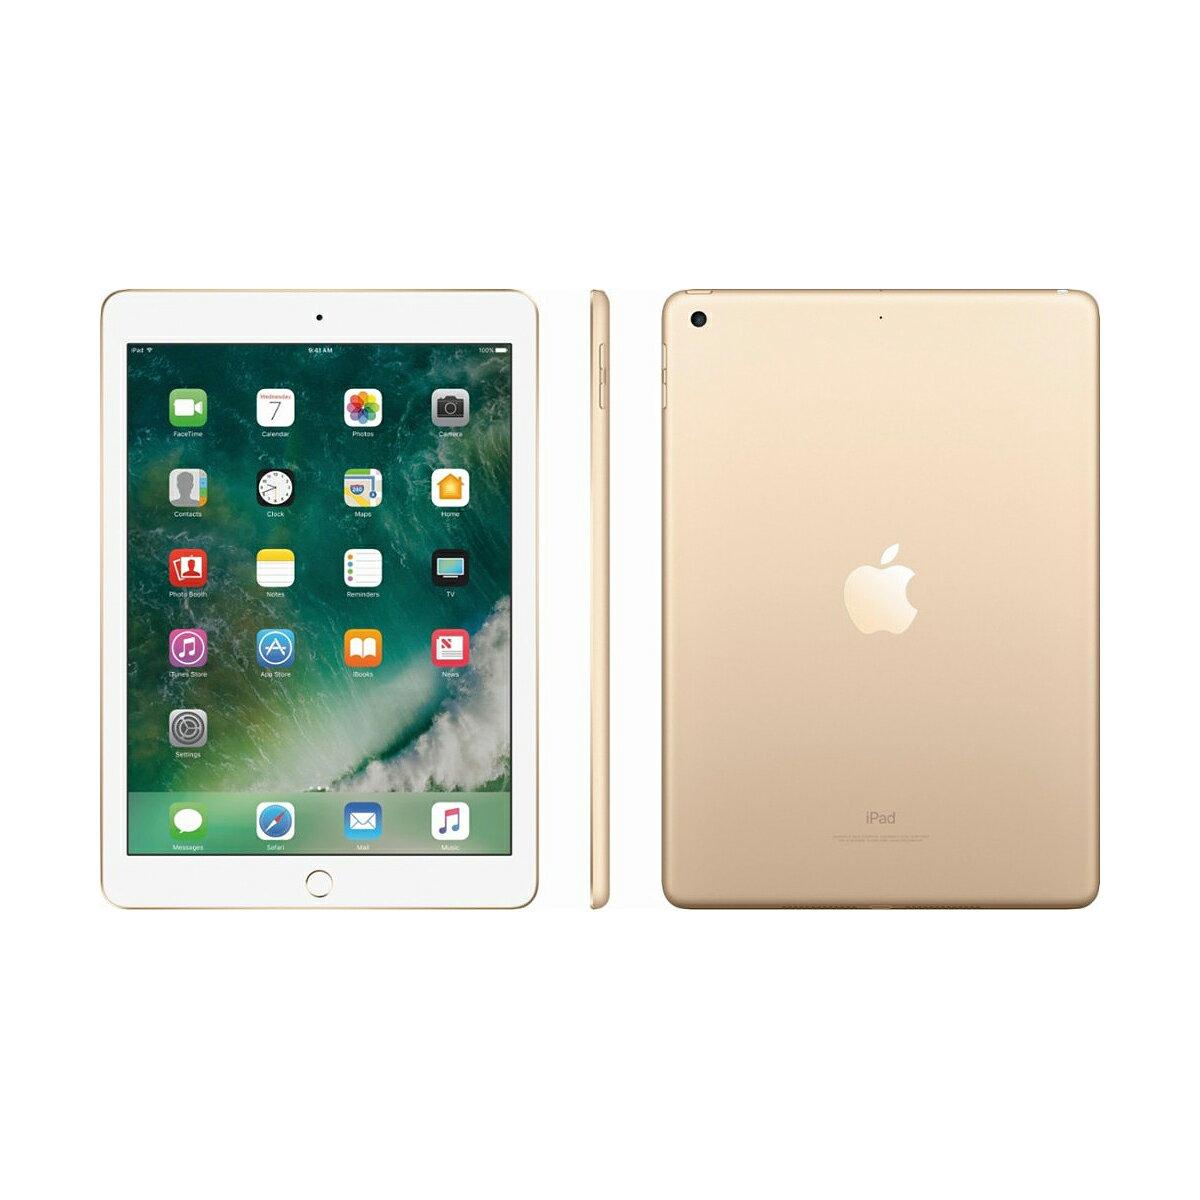 """Apple iPad 9.7"""" Retina Display 32GB Wi-Fi Multi-Touch Tablet 5th Gen MPGT2LLA - Gold 2"""